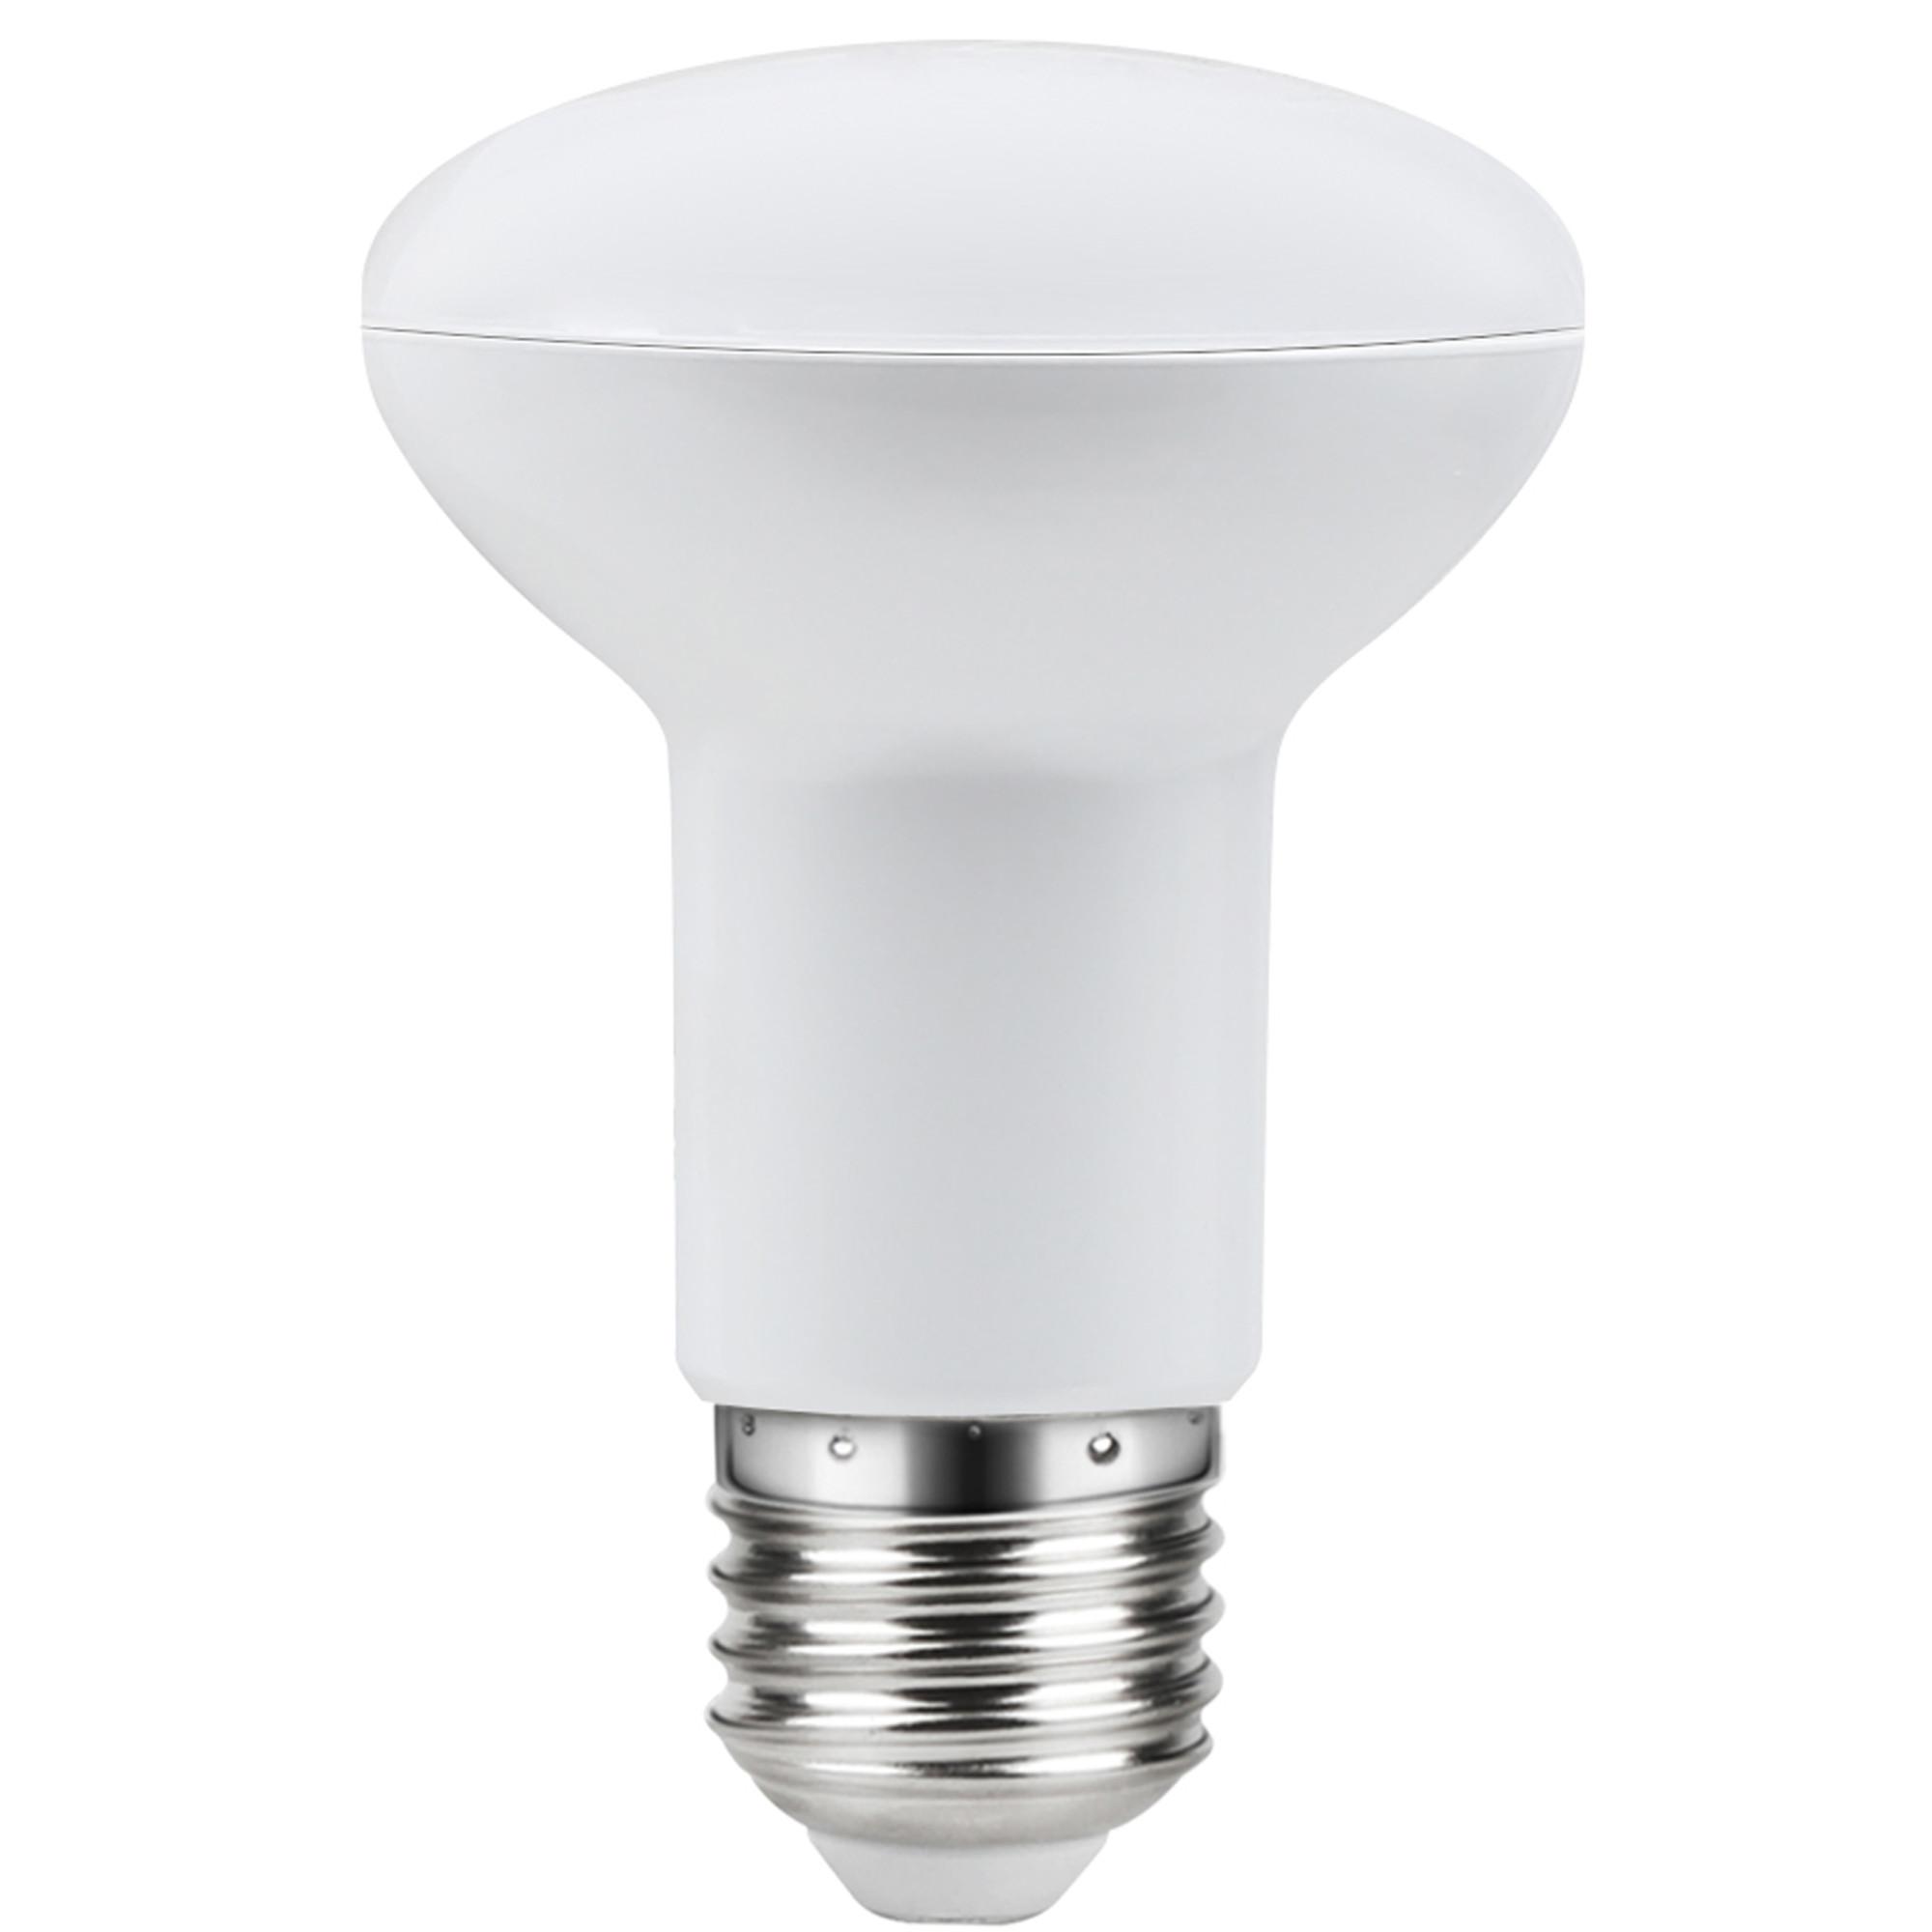 Лампа светодиодная Lexman E27 220 В 7.5 Вт рефлектор прозрачный 806 лм тёплый белый свет